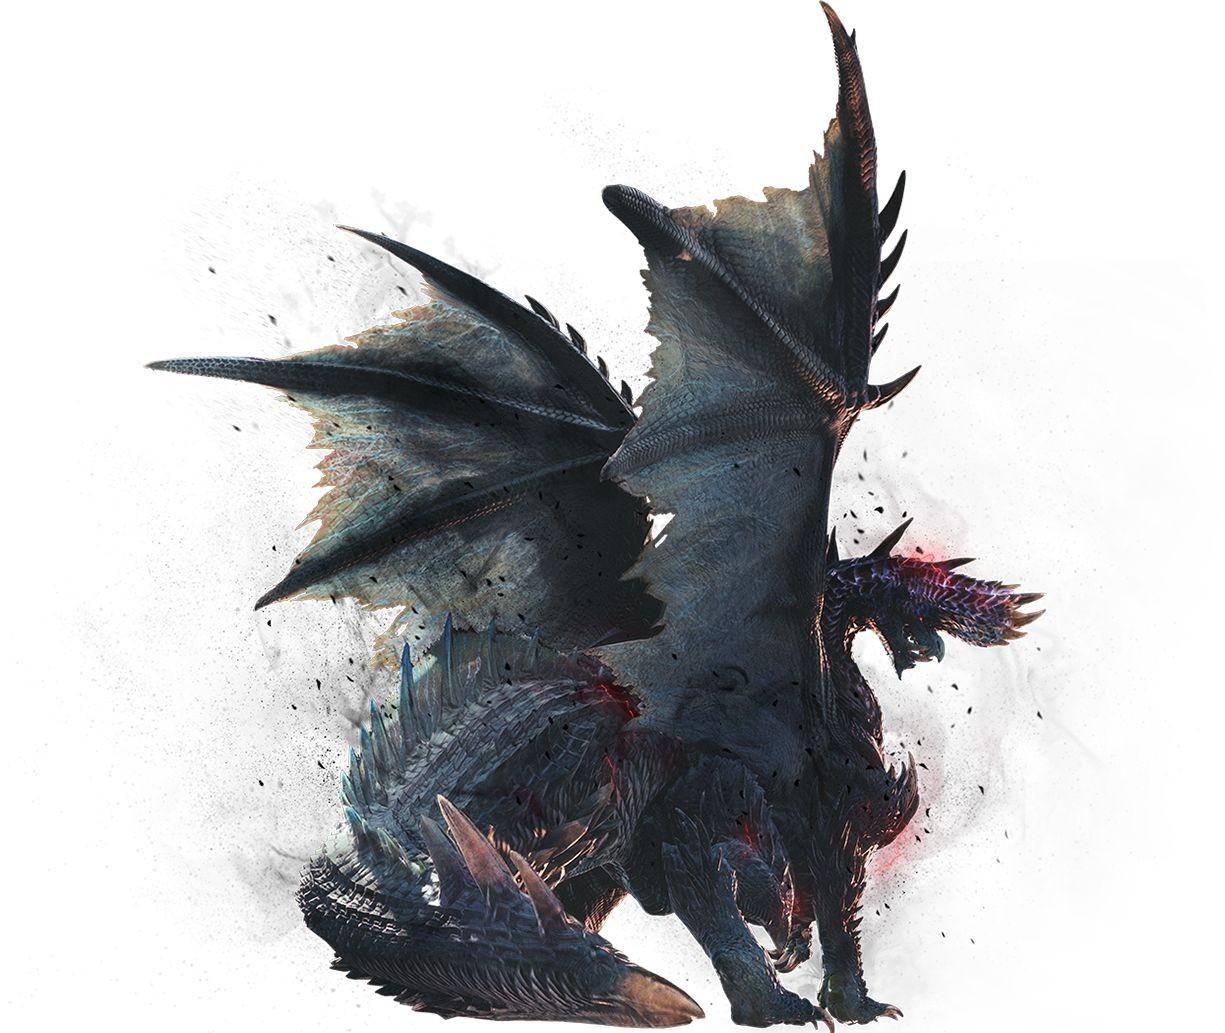 В Monster Hunter World: Iceborne появится пылающий чёрный дракон Алатреон